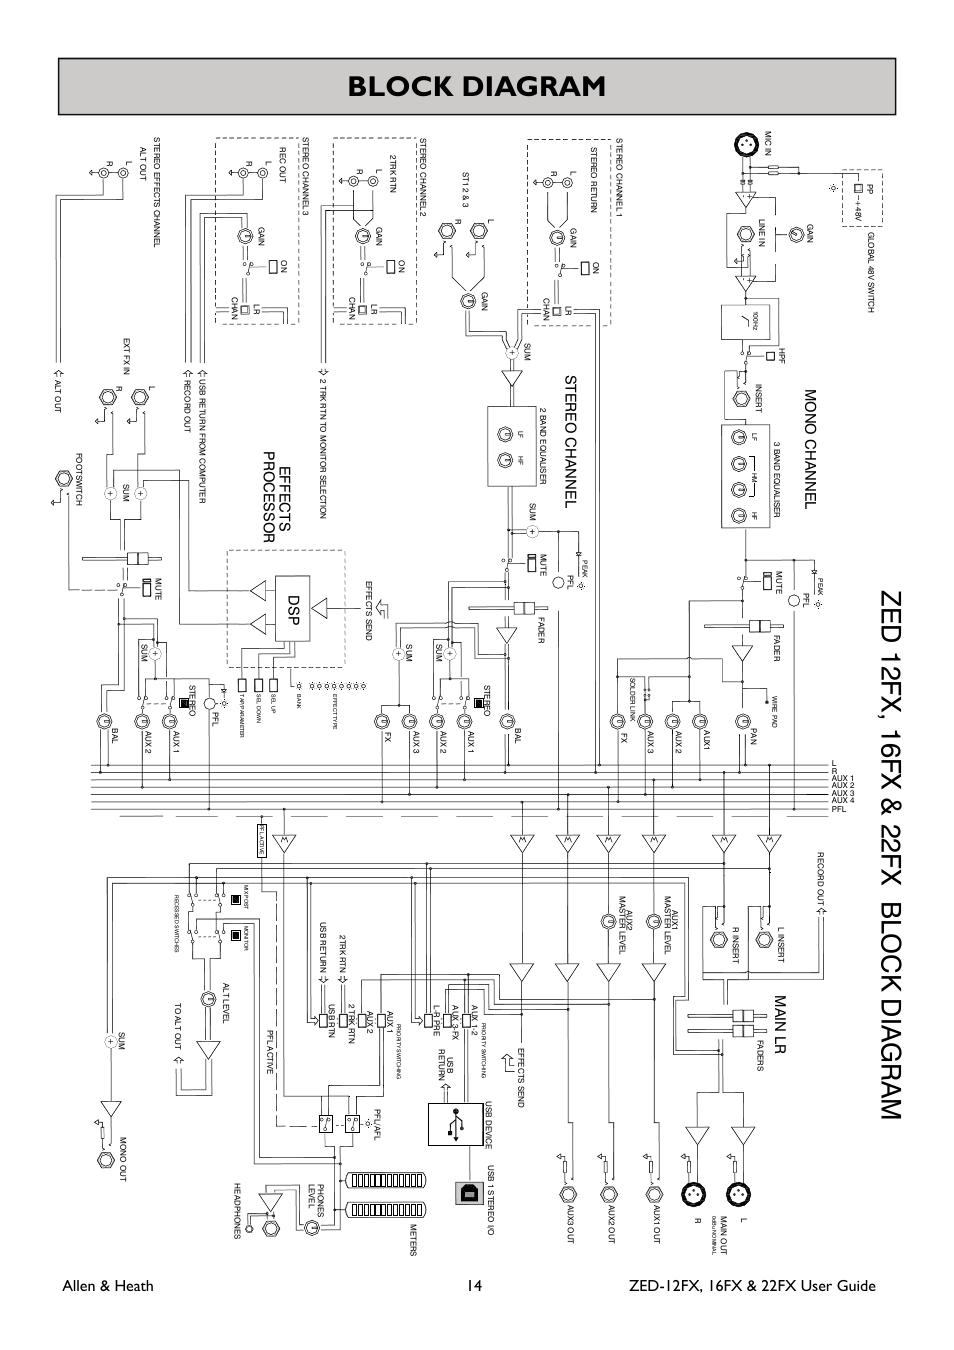 Block Diagram  Ster Eo C H Anne L  Ma In L R